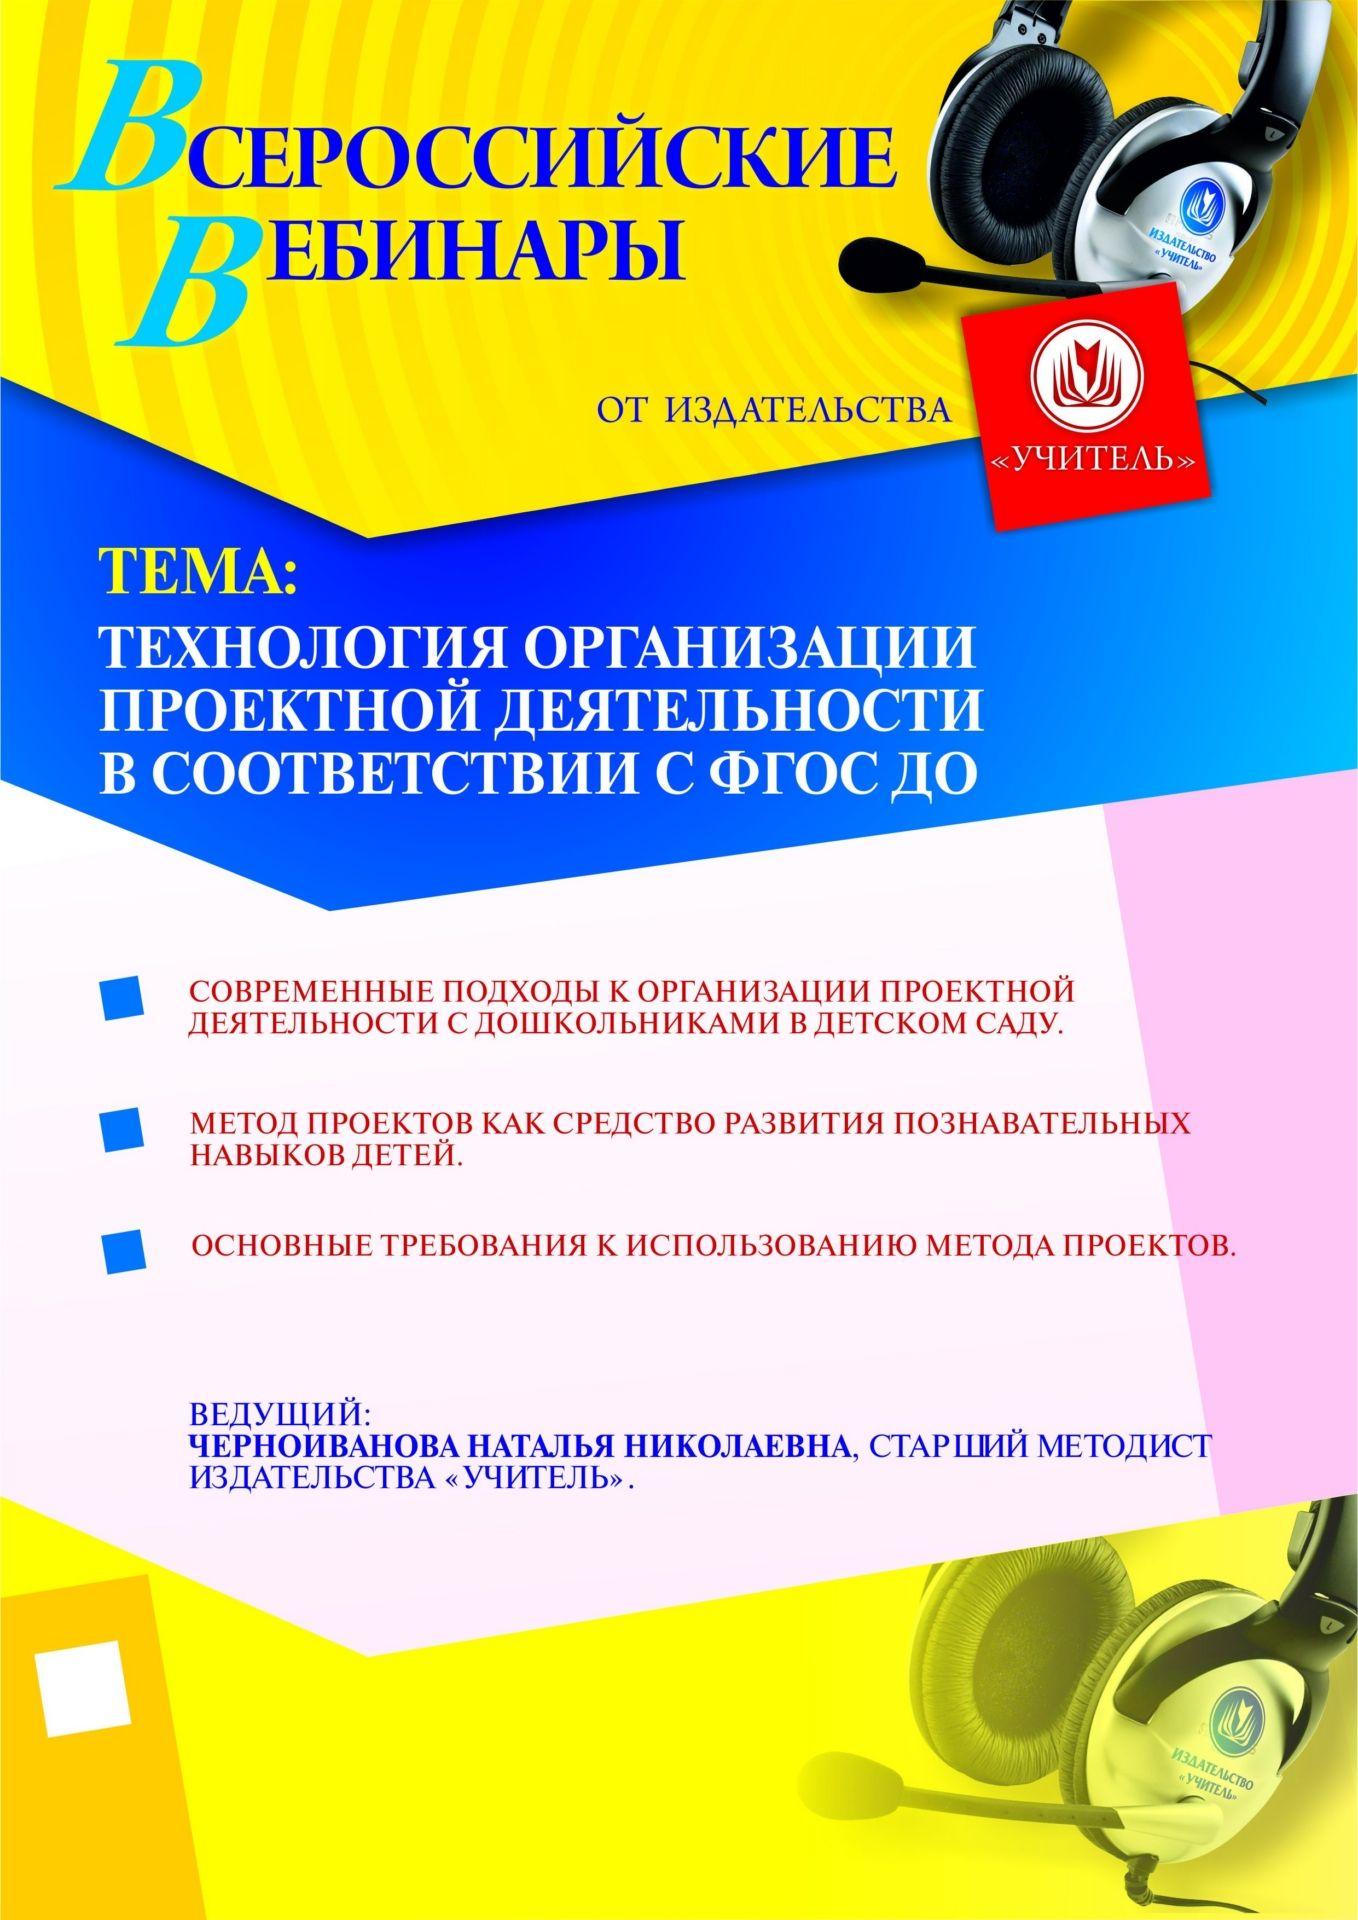 Технология организации проектной деятельности в соответствии с ФГОС ДО фото